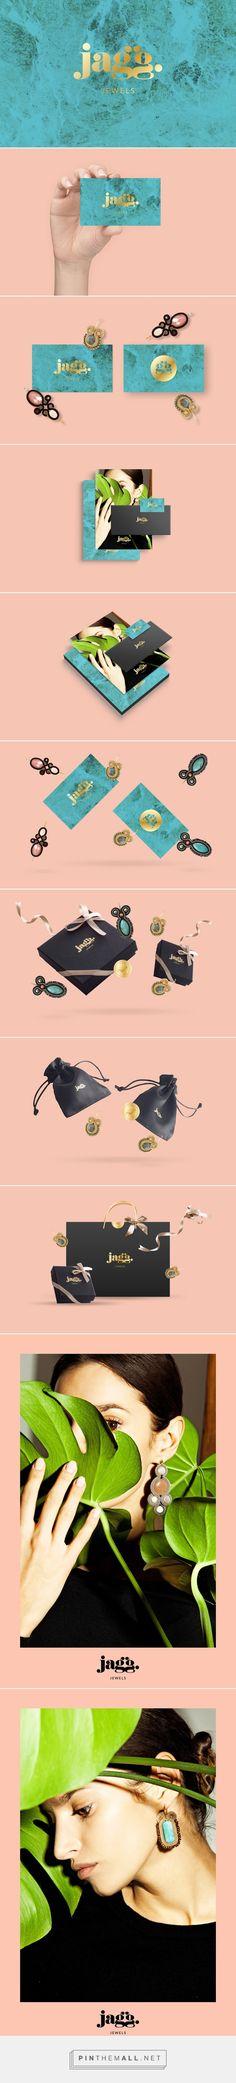 Jagg. Jewels Branding by Lange & Lange | Fivestar Branding Agency – Design and Branding Agency & Curated Inspiration Gallery